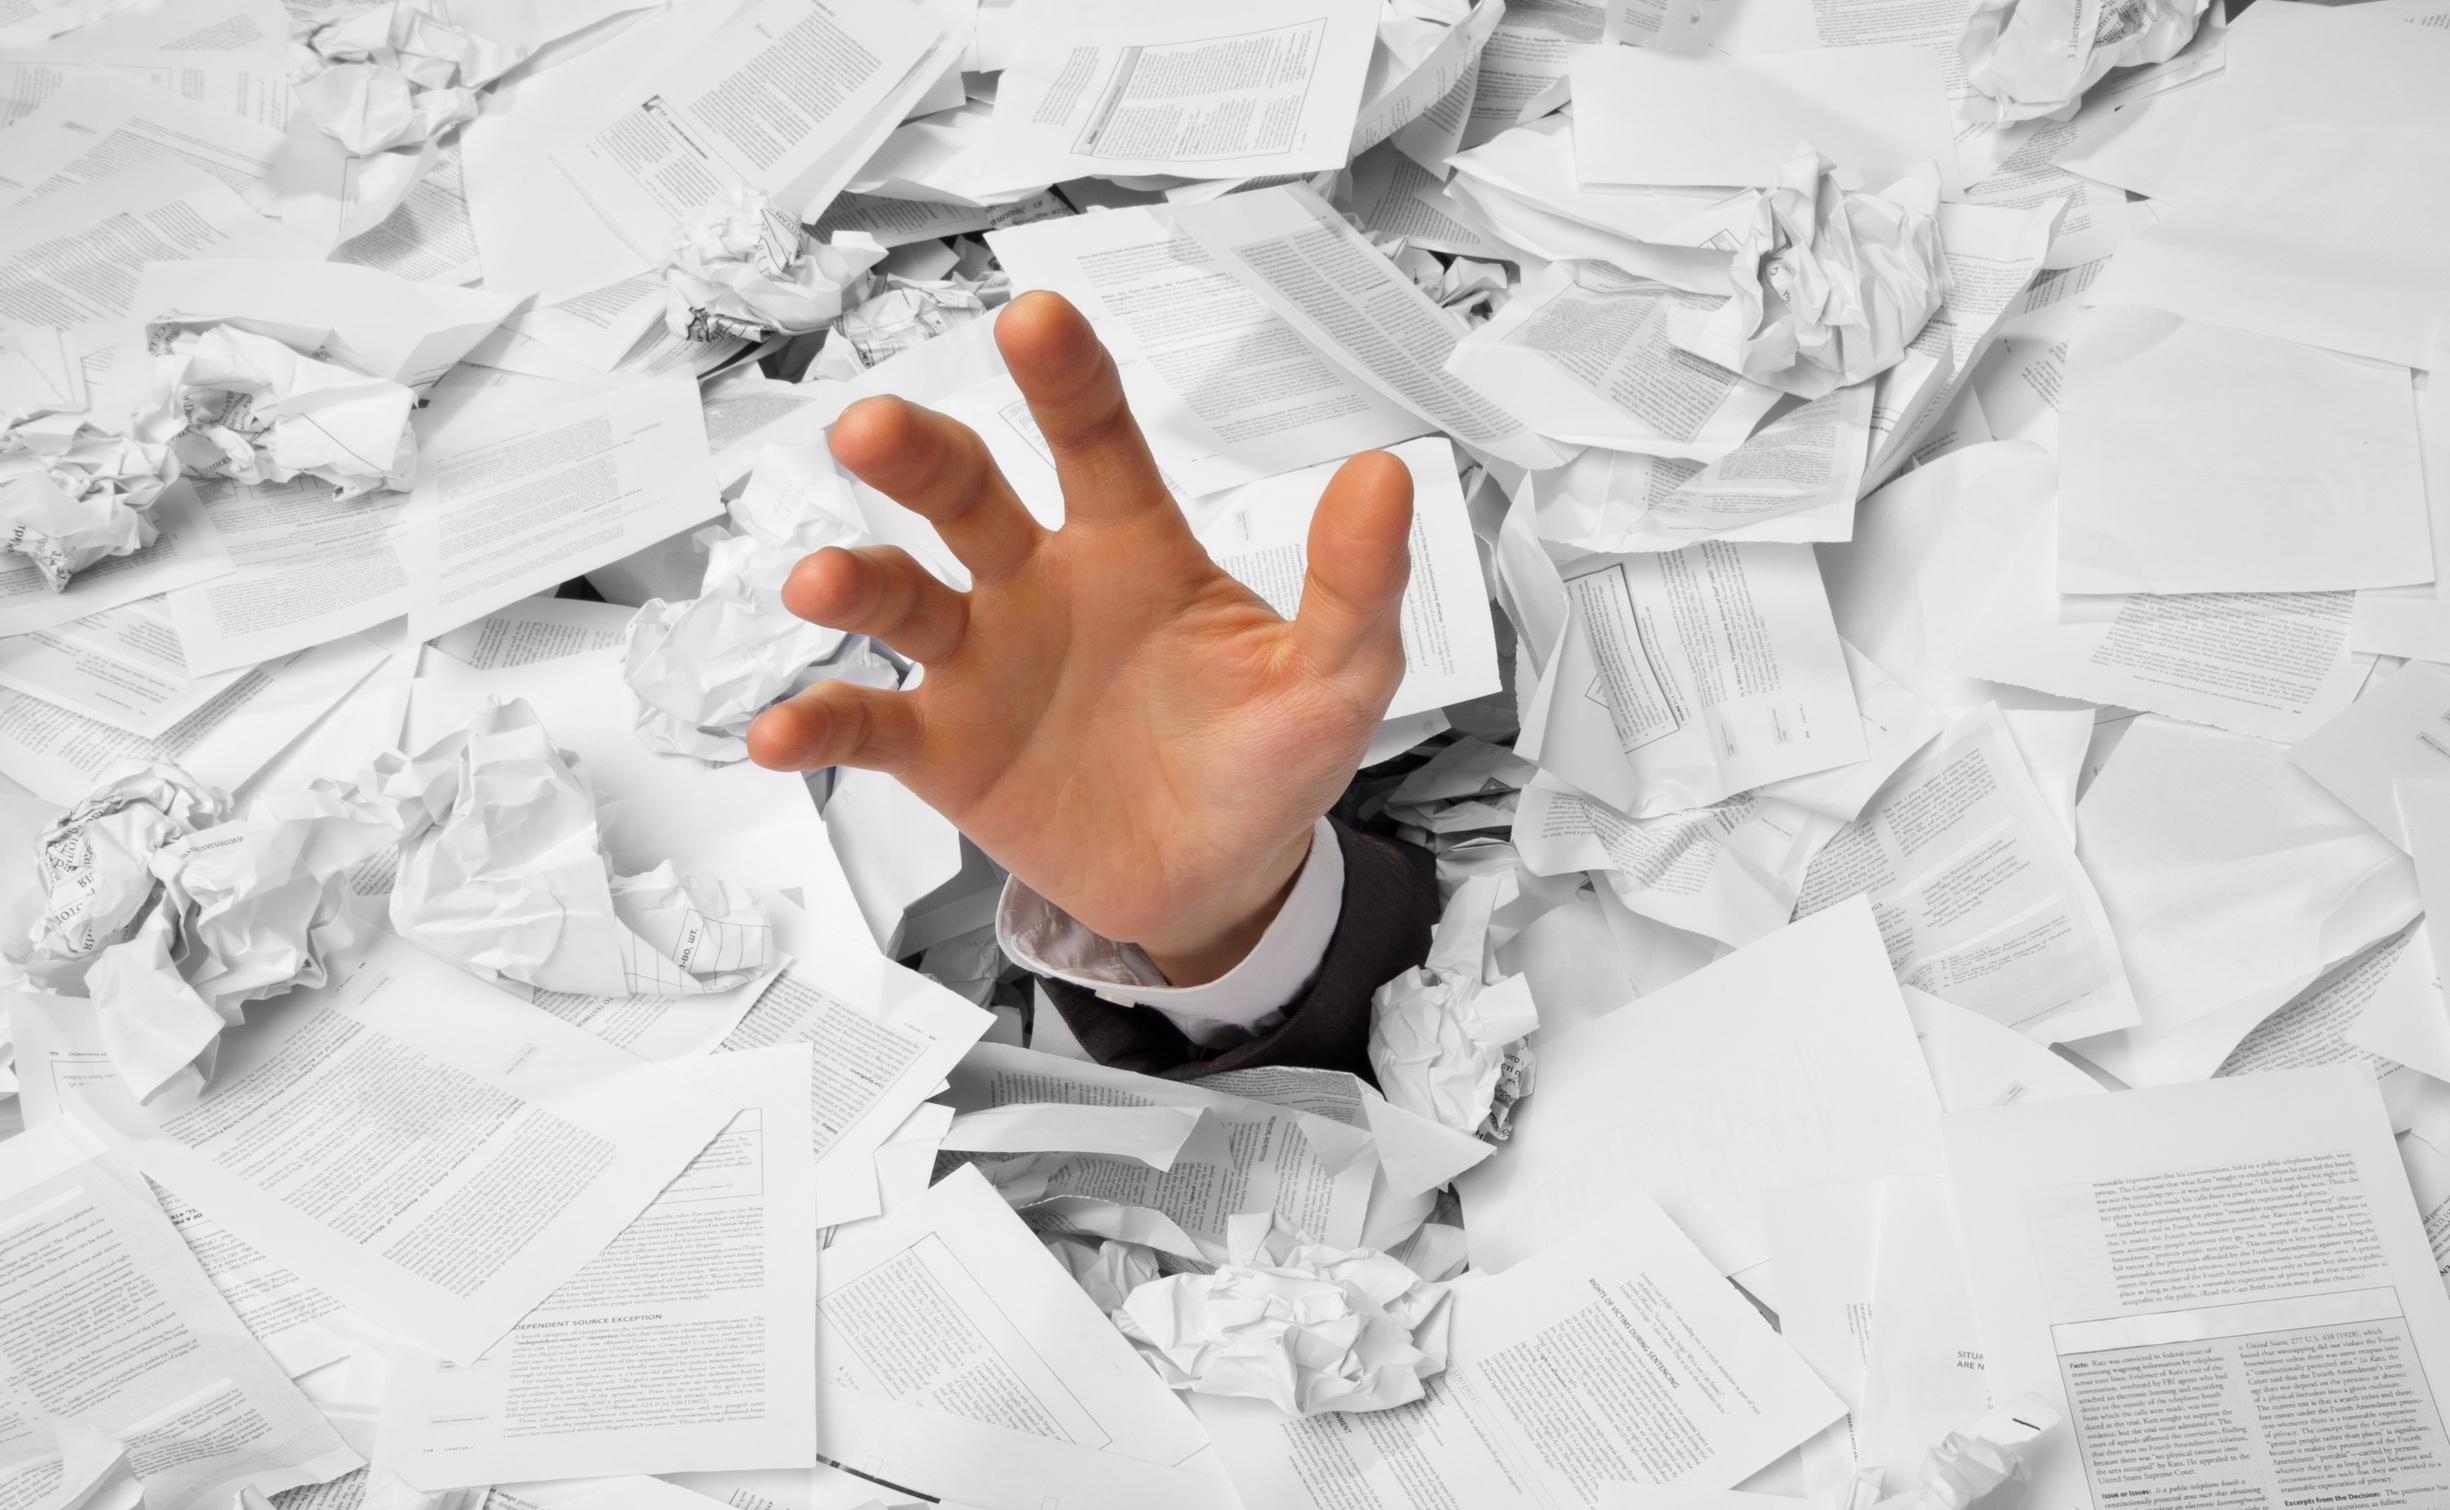 drowning_in_paperwork.jpg